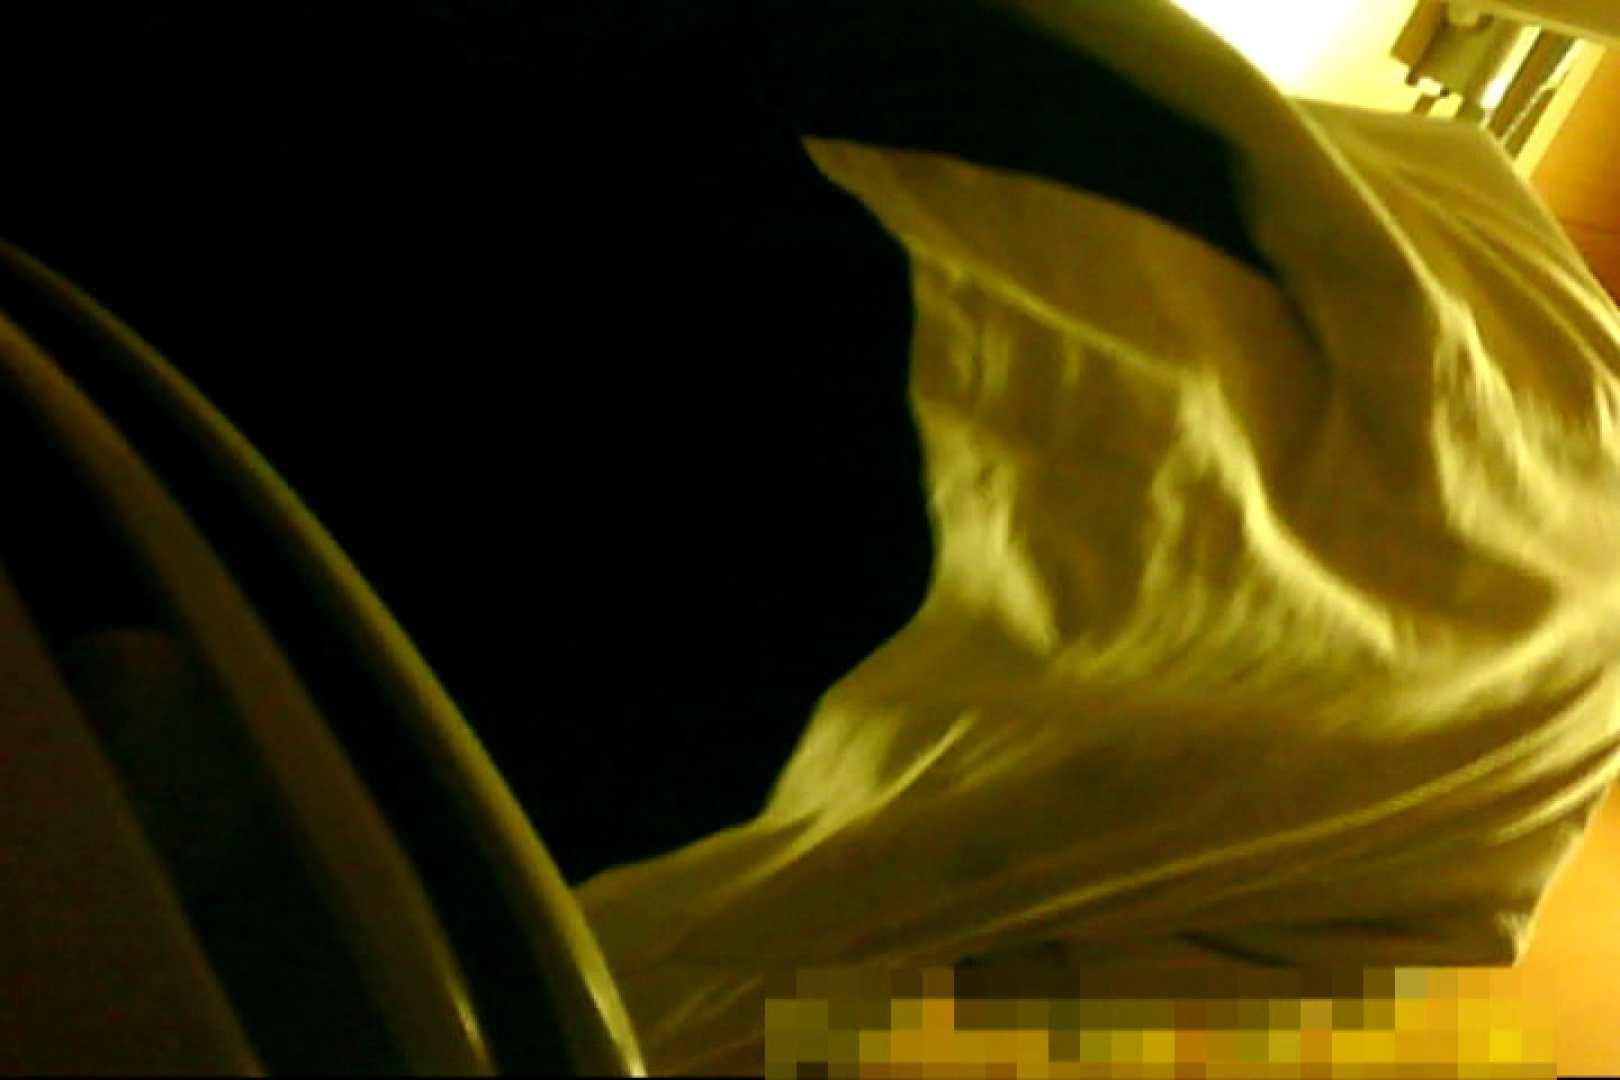 魅惑の化粧室~禁断のプライベート空間~20 ナプキン ワレメ動画紹介 96連発 31